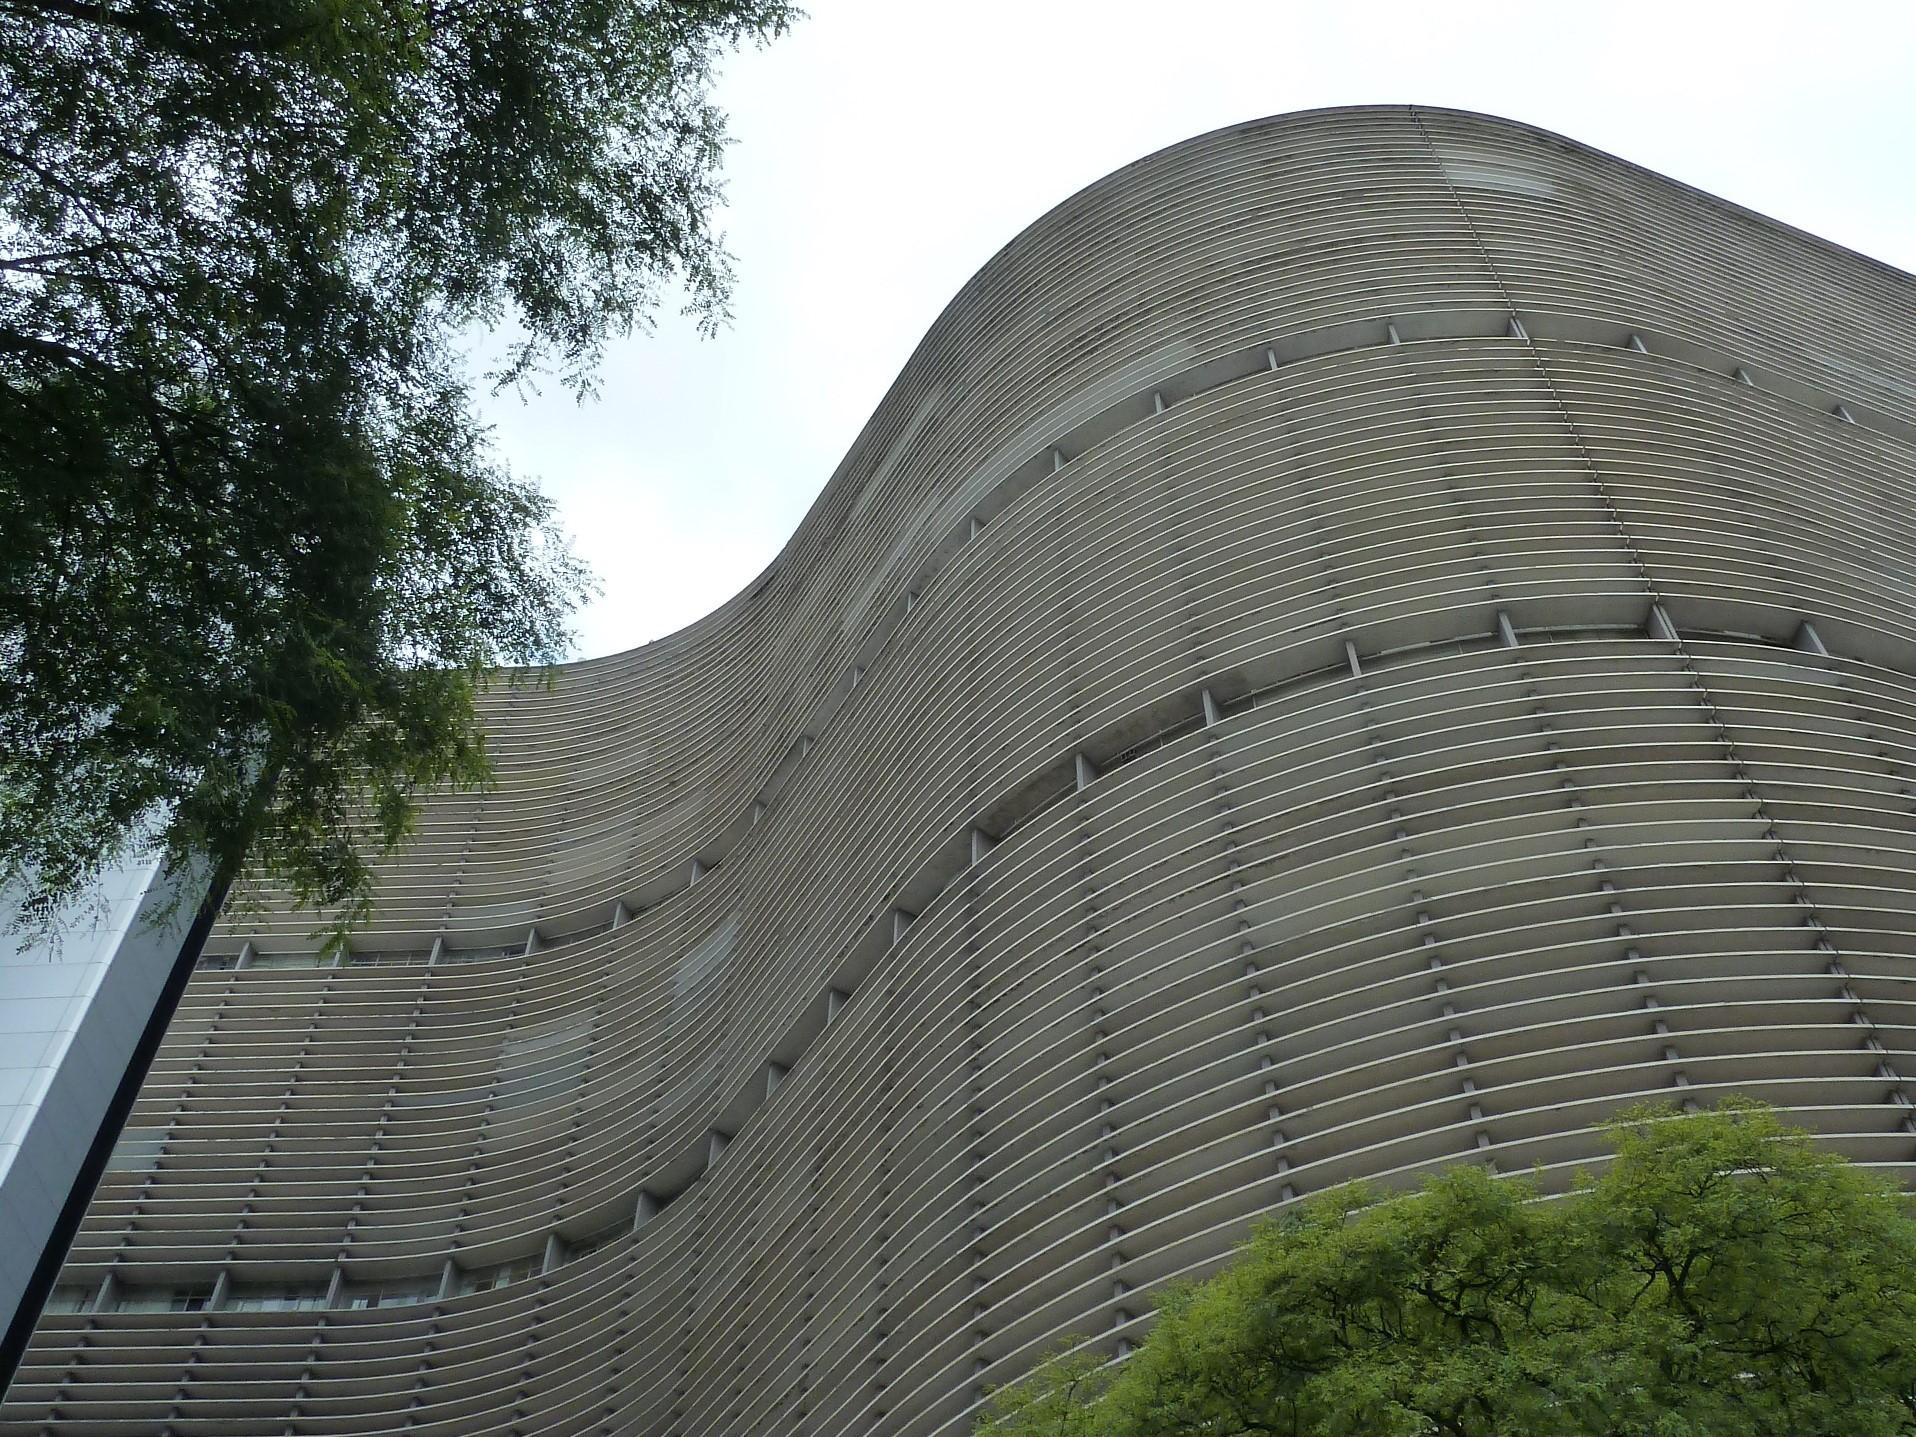 O legado de Niemeyer 5 anos após sua morte